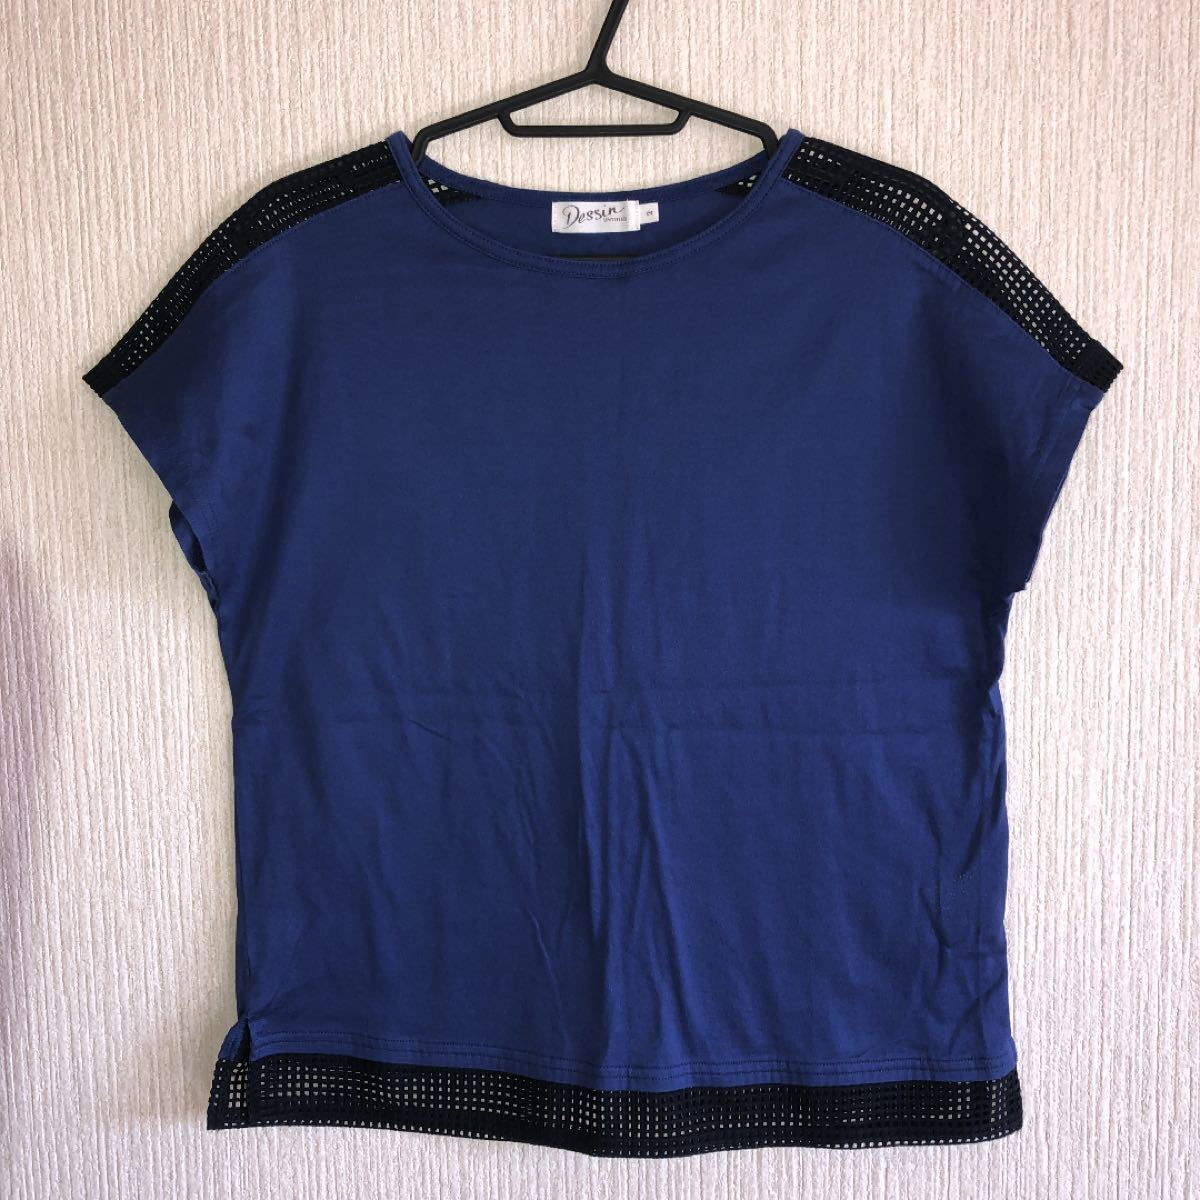 トップス Tシャツ 半袖 カットソー